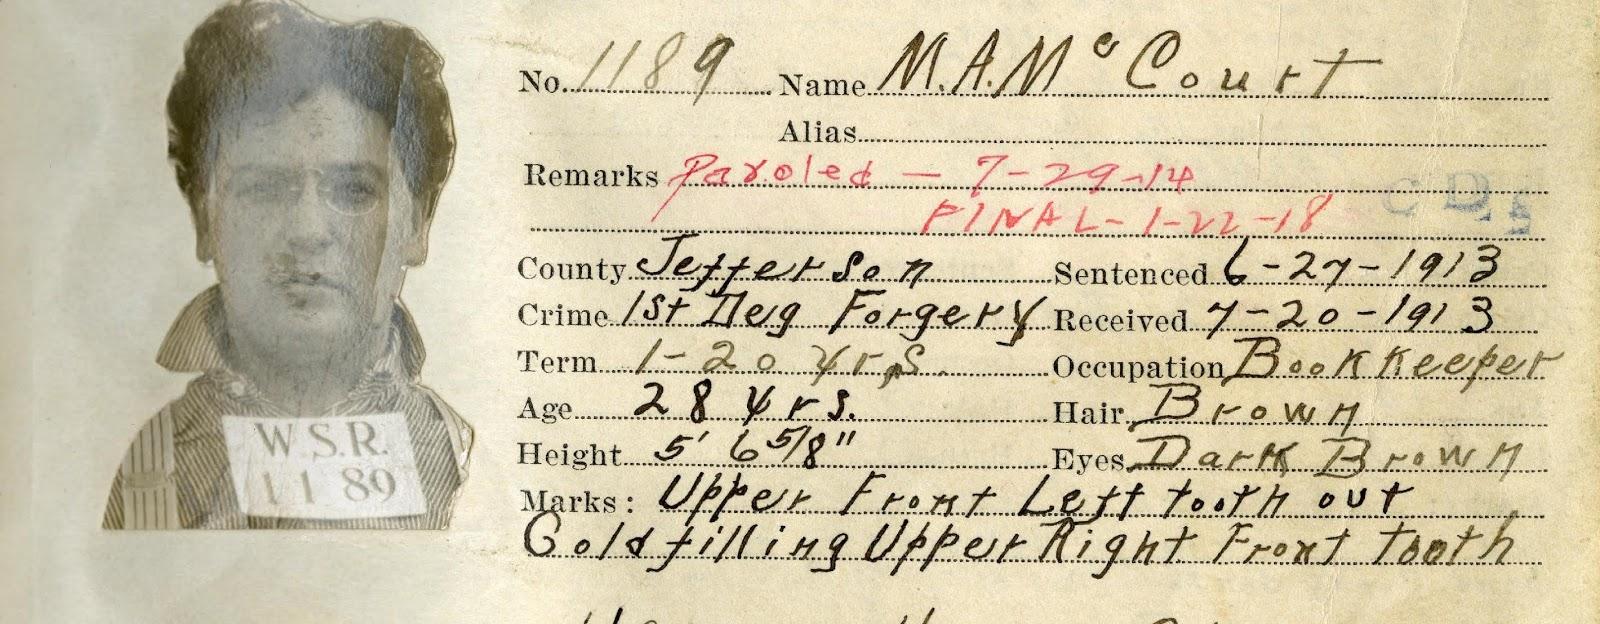 Criminal Genealogy: Myron A McCourt: Forgery 1st Degree